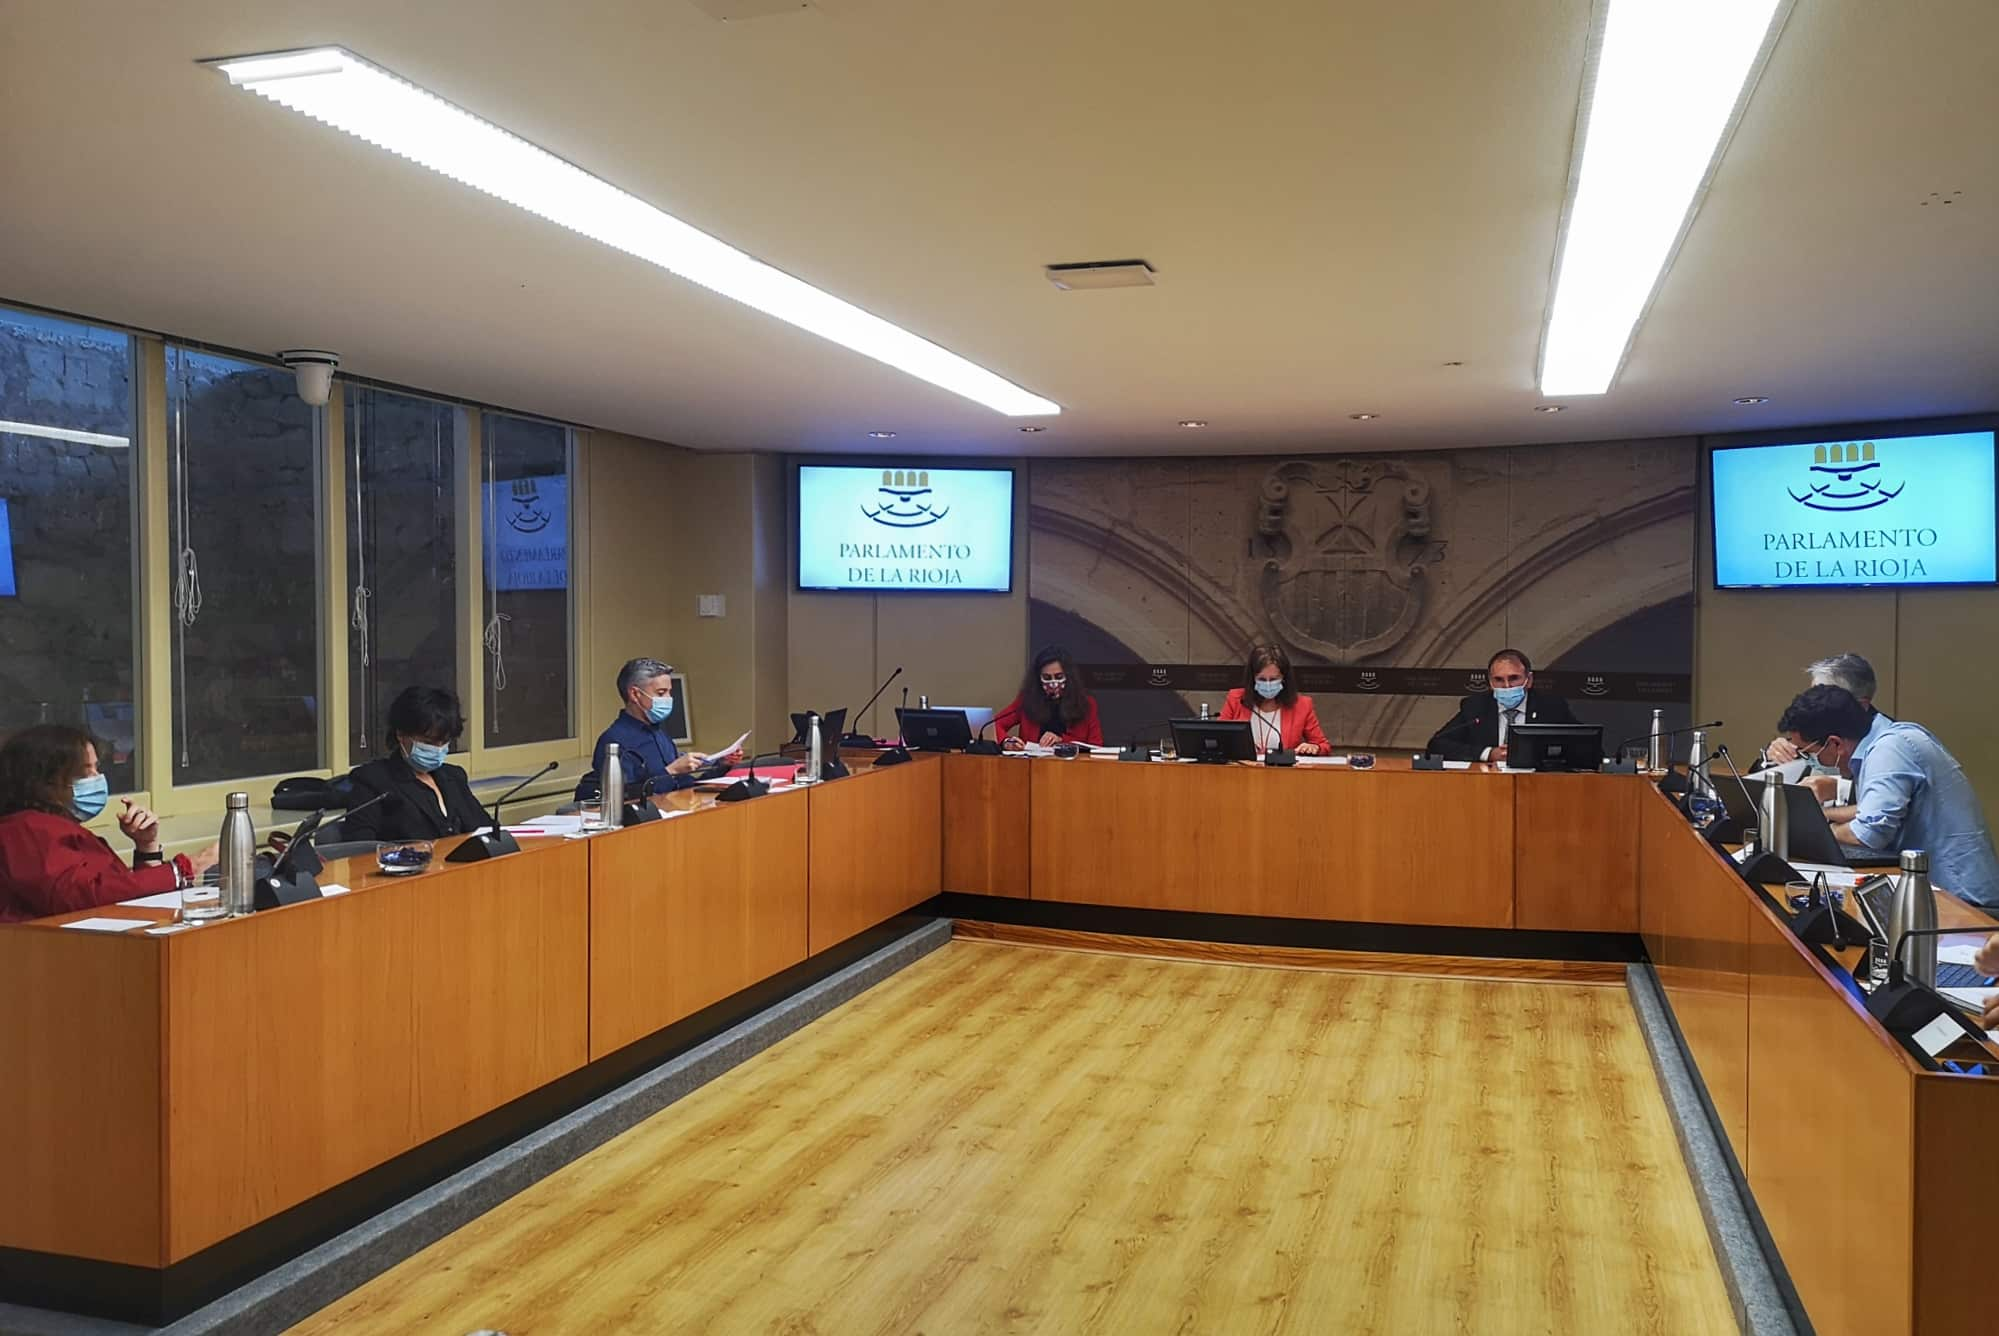 Comparecencia Parlamento de La Rioja